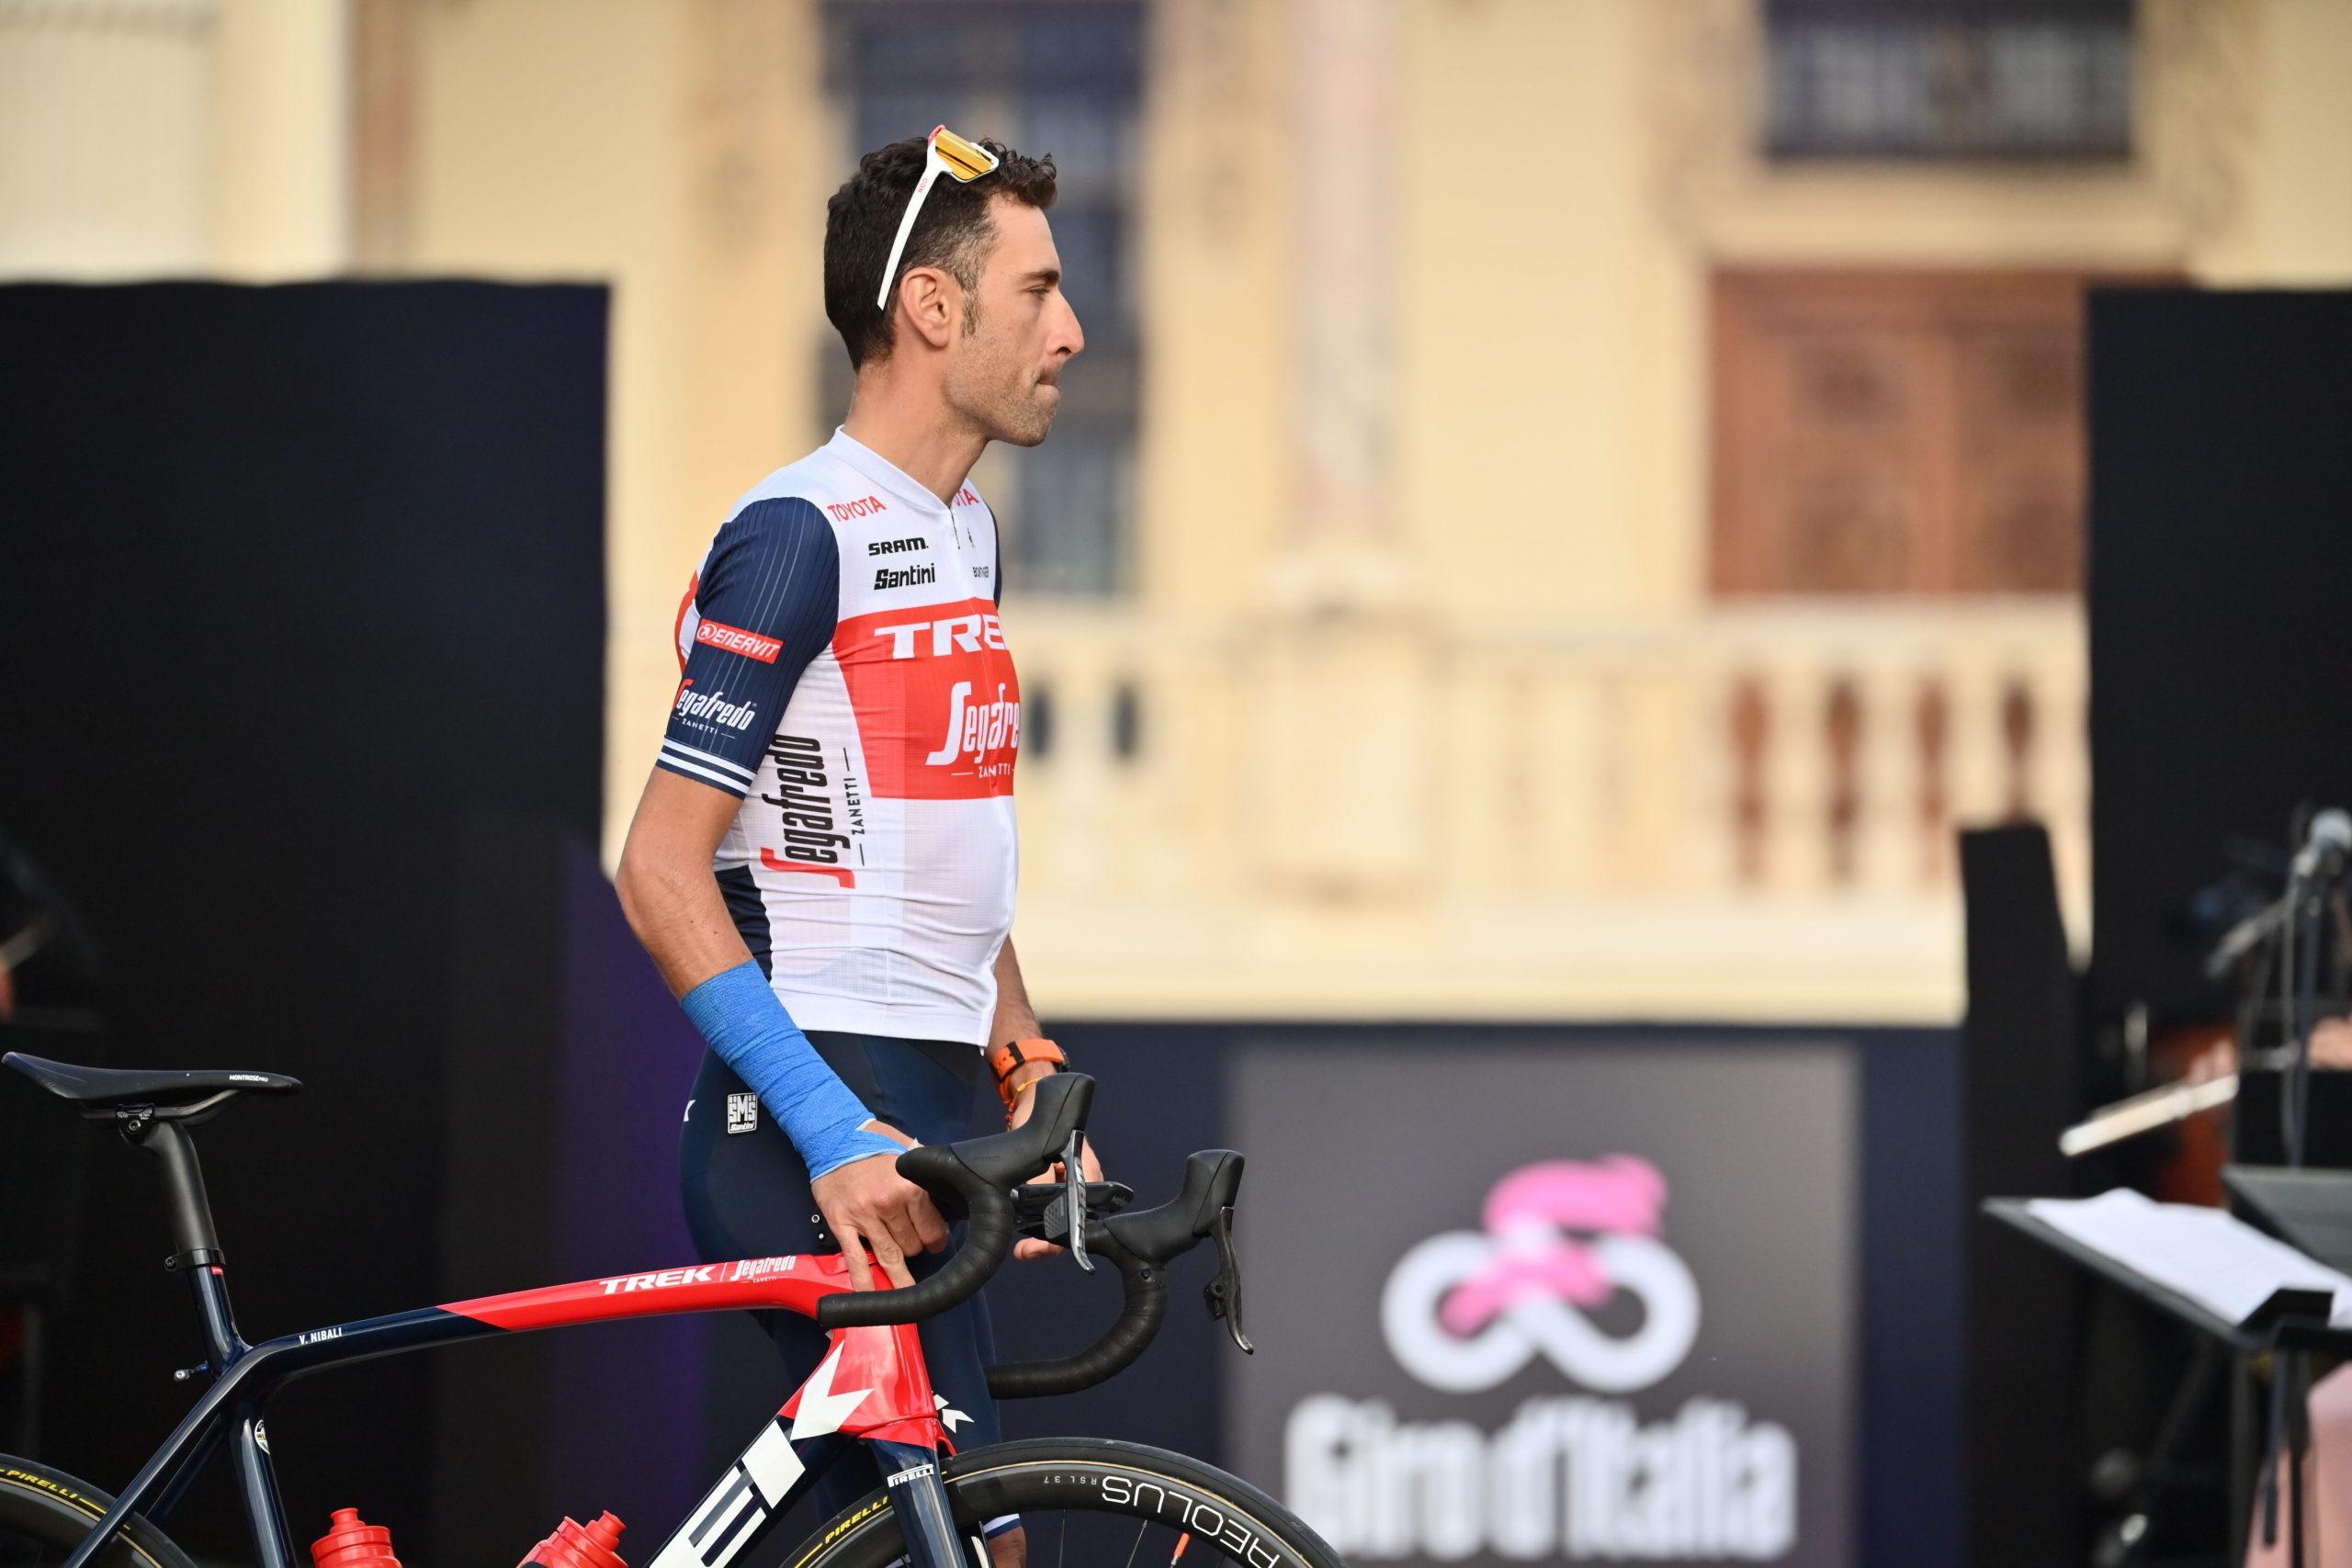 """Le squadre del 104º Giro d'Italia sono state presentate ufficialmente. Il tema dello show è stato """"A Riveder le Stelle"""", ultimo verso de La Divina Commedia: le """"Stelle"""" come i corridori che animeranno le 21 tappe."""